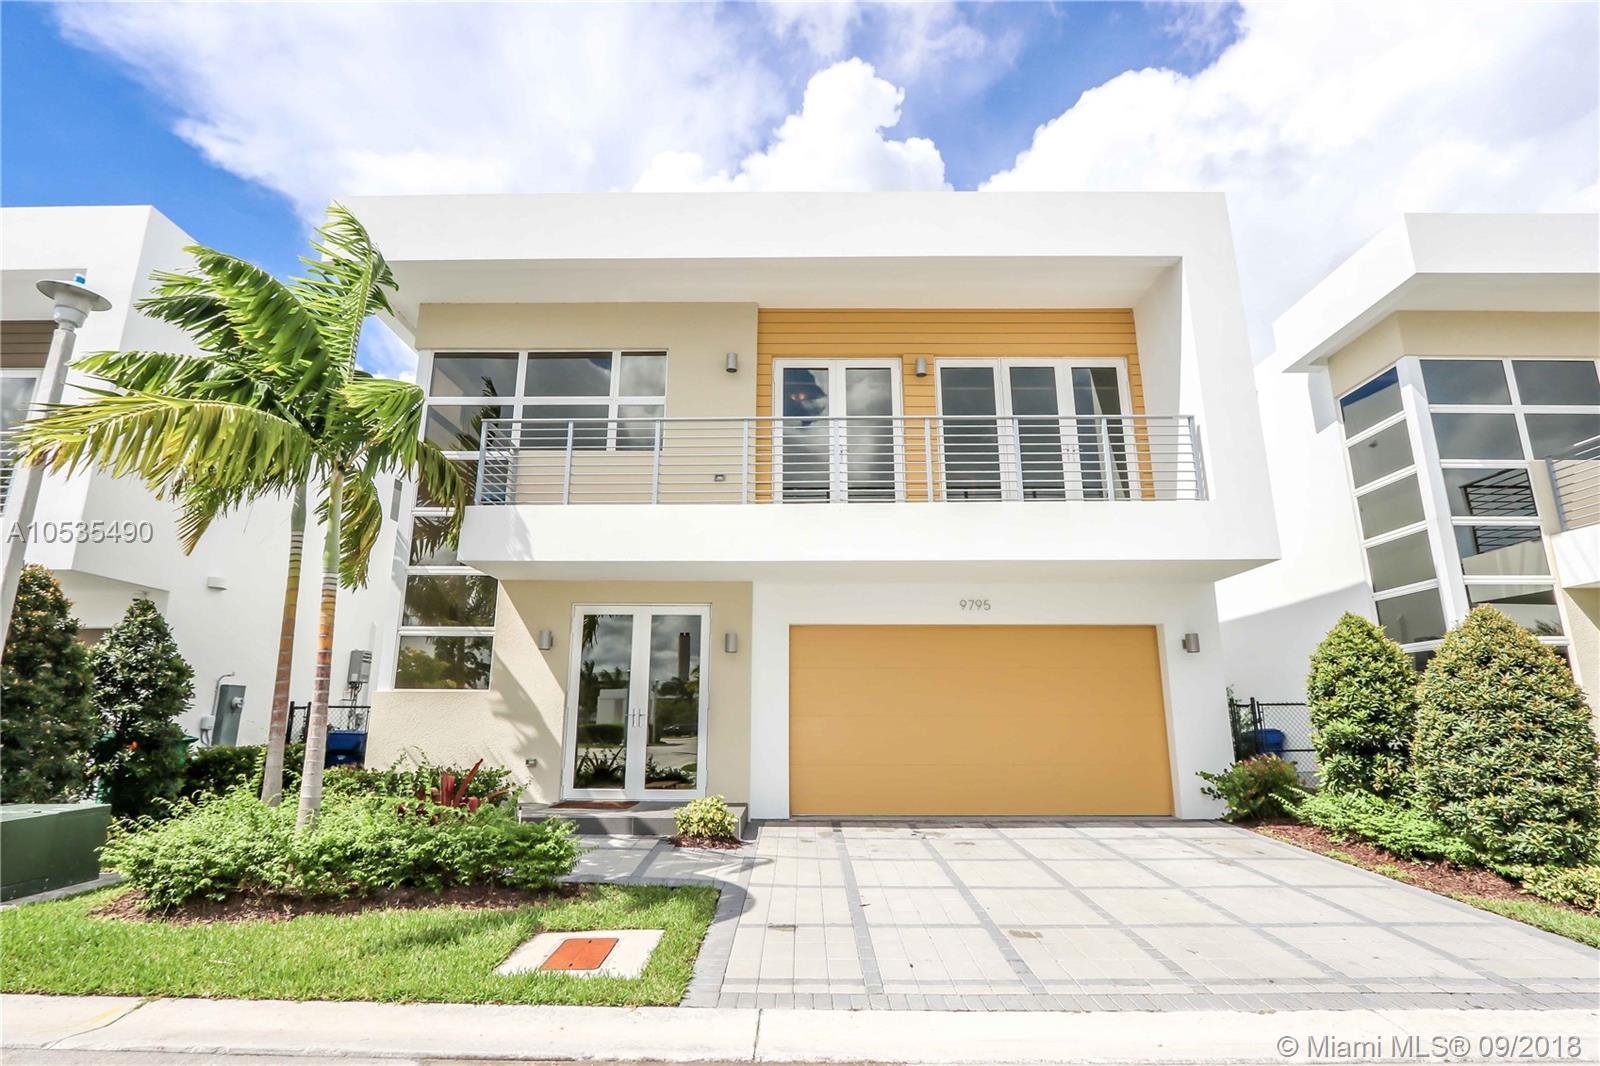 9795 NW 75th Ter, Miami, FL 33178